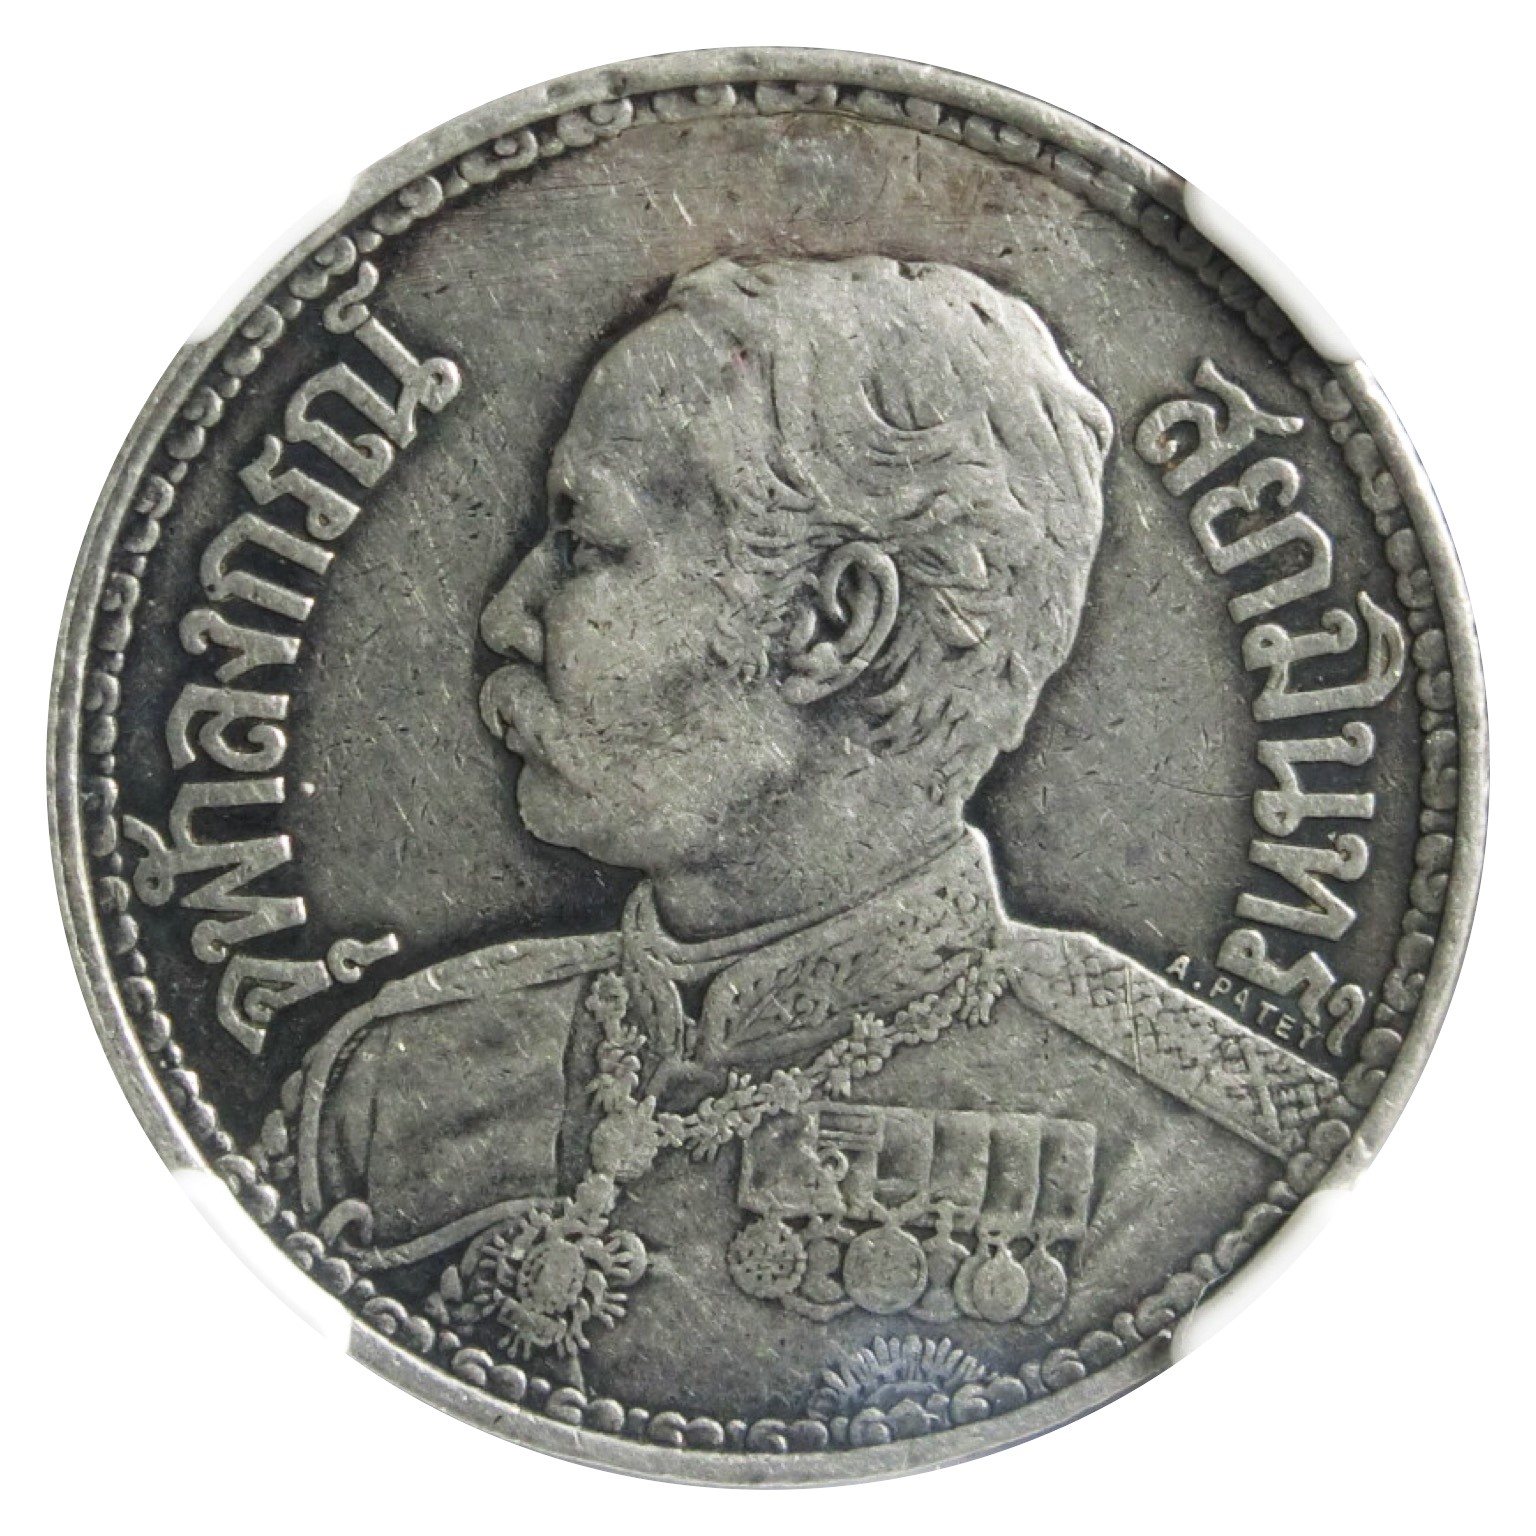 เหรียญหนวด หรือ ช้างสามเศียร รัชกาลที่5 ร.ศ.127 VF Details